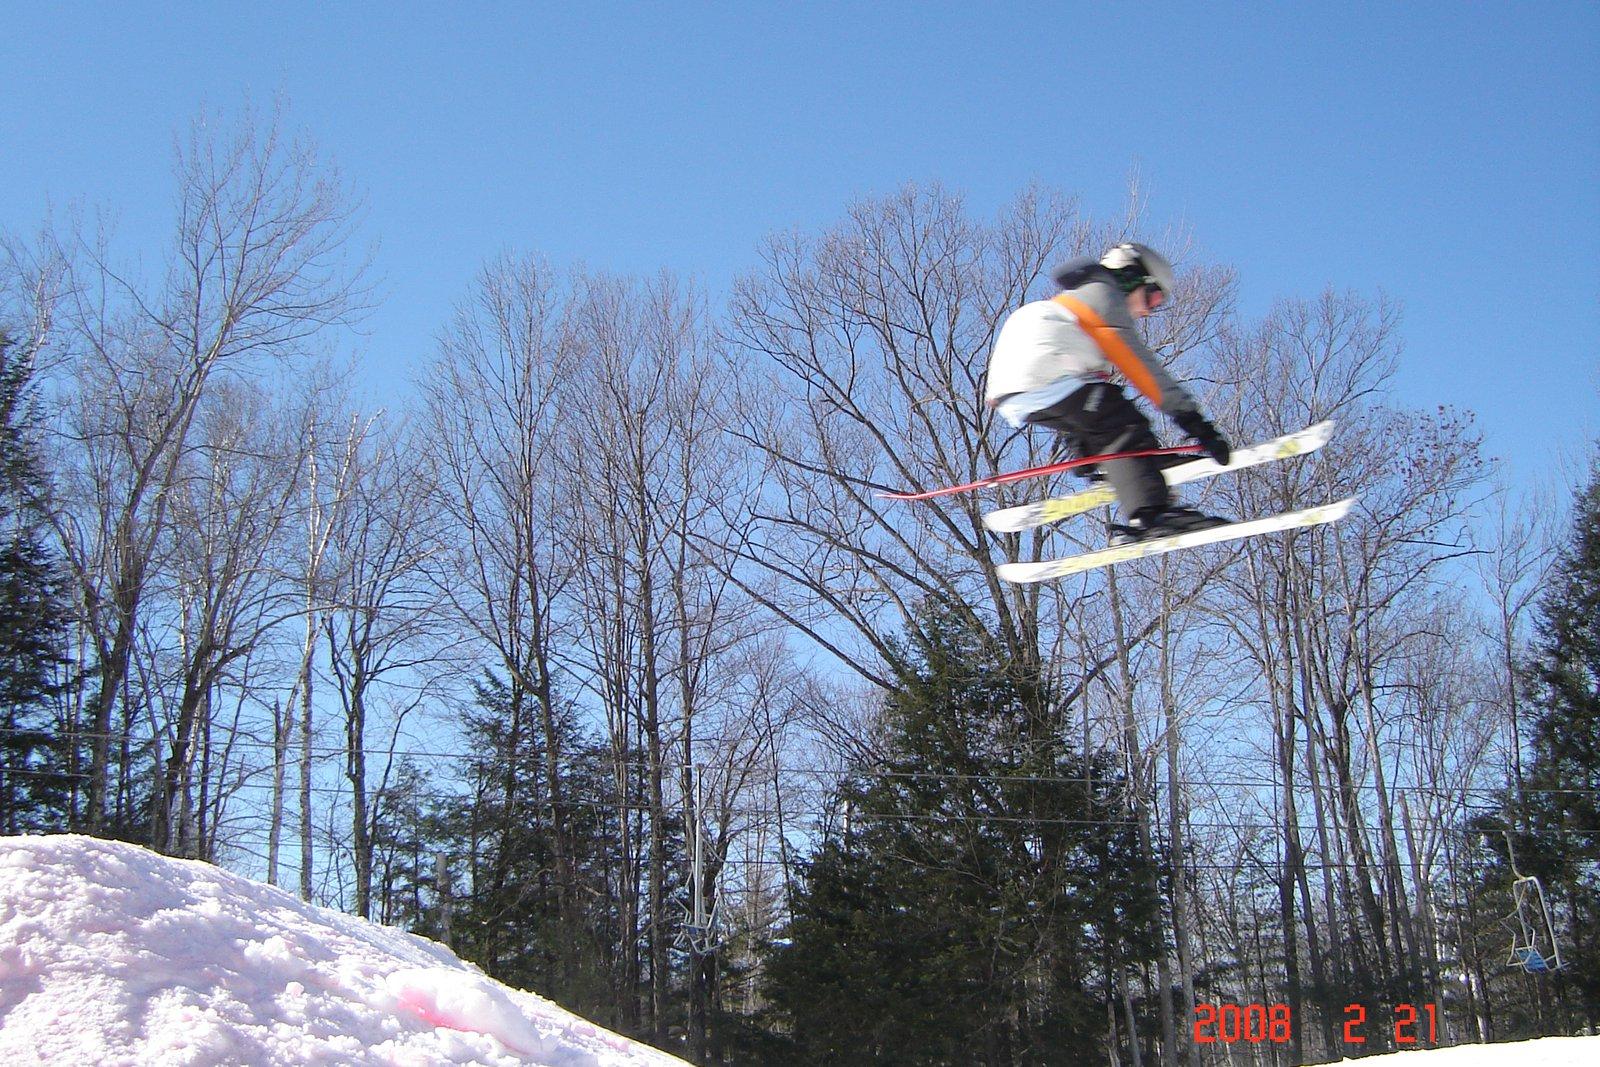 Pats jump